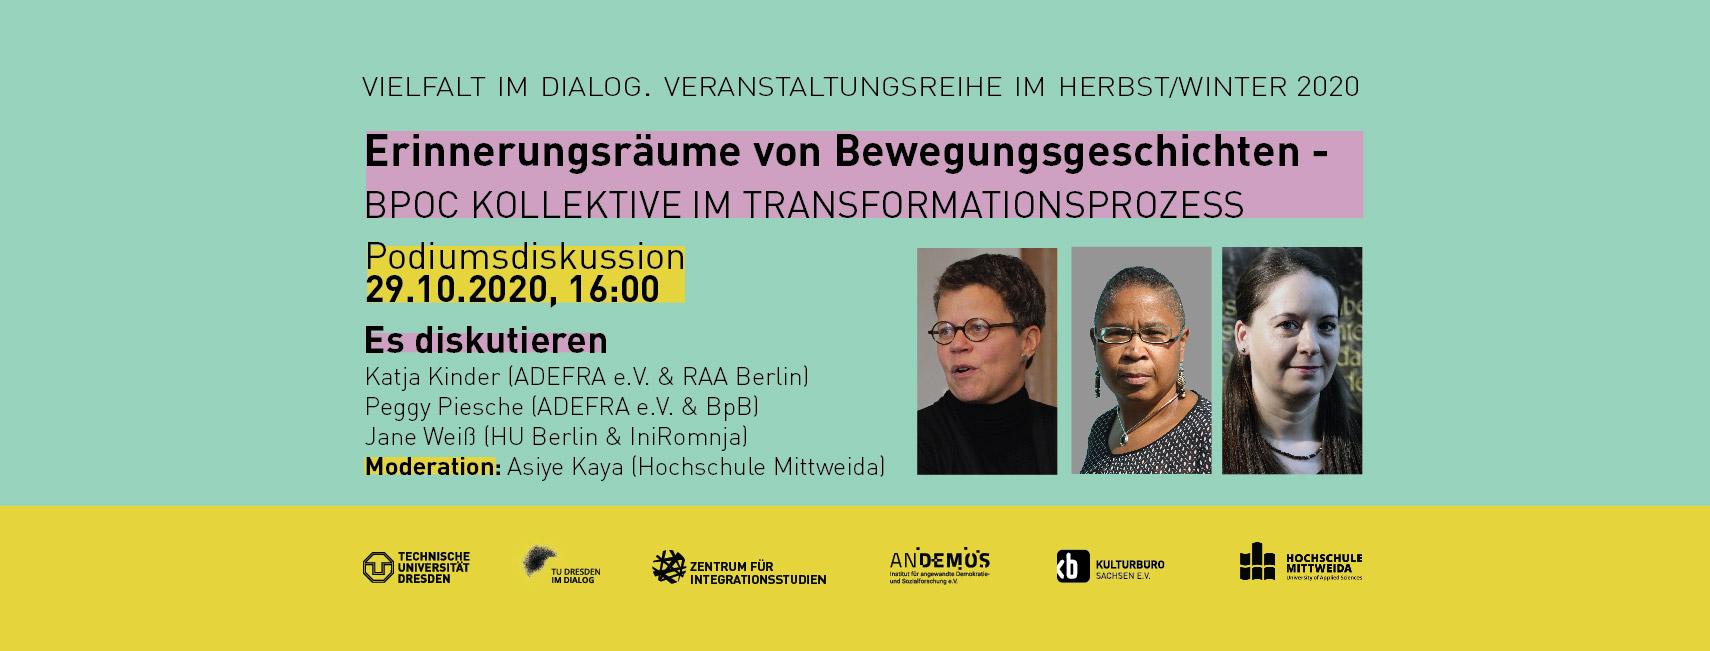 Vielfalt_im_Dialog_Banner_Podiumsdiskussion_Hochschule_Mittweida[1]